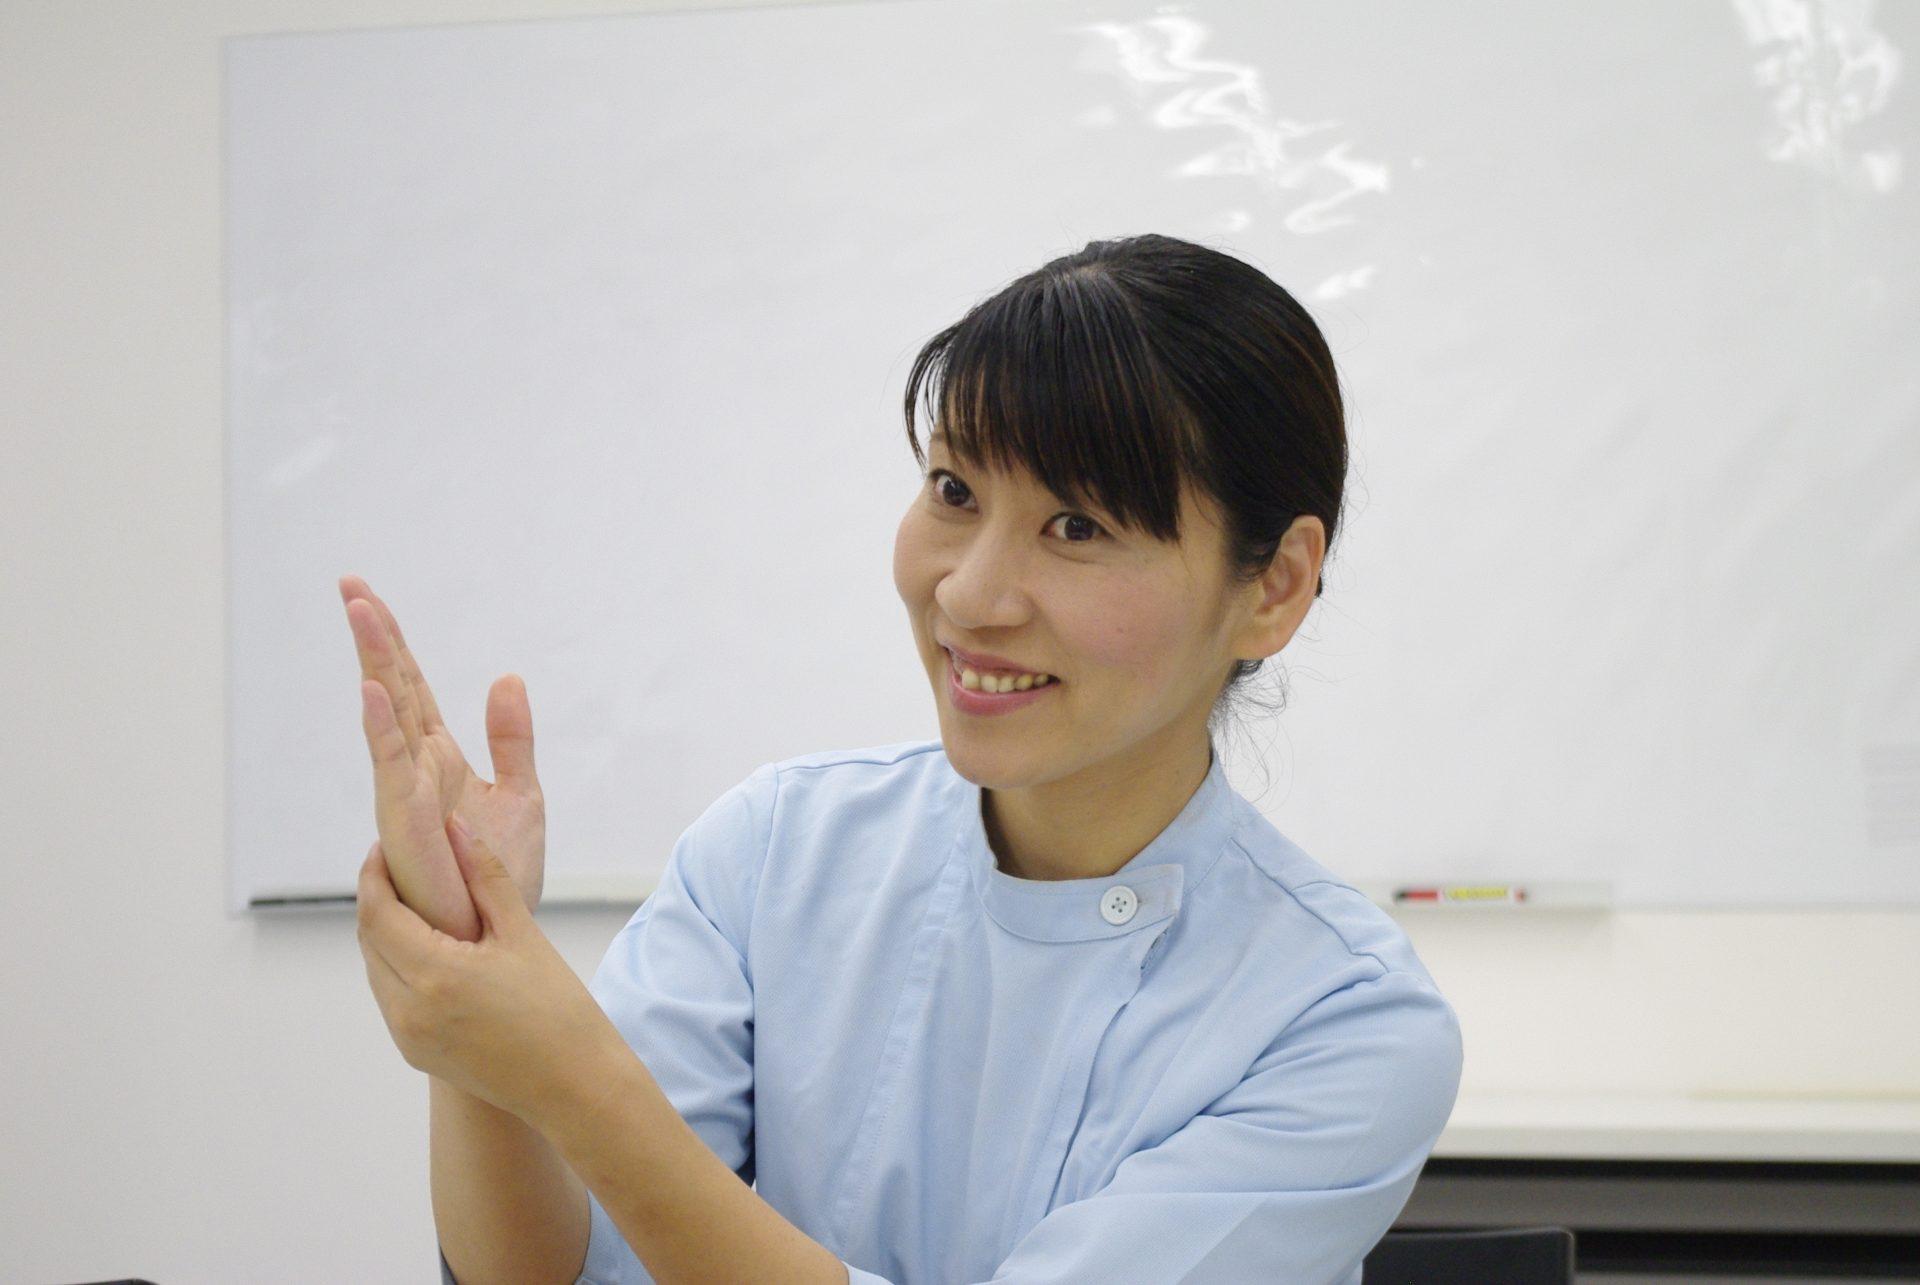 スタッフインタビュー第二弾!あなたにとってZACとは?!~スクール事業部 三上絢愛~